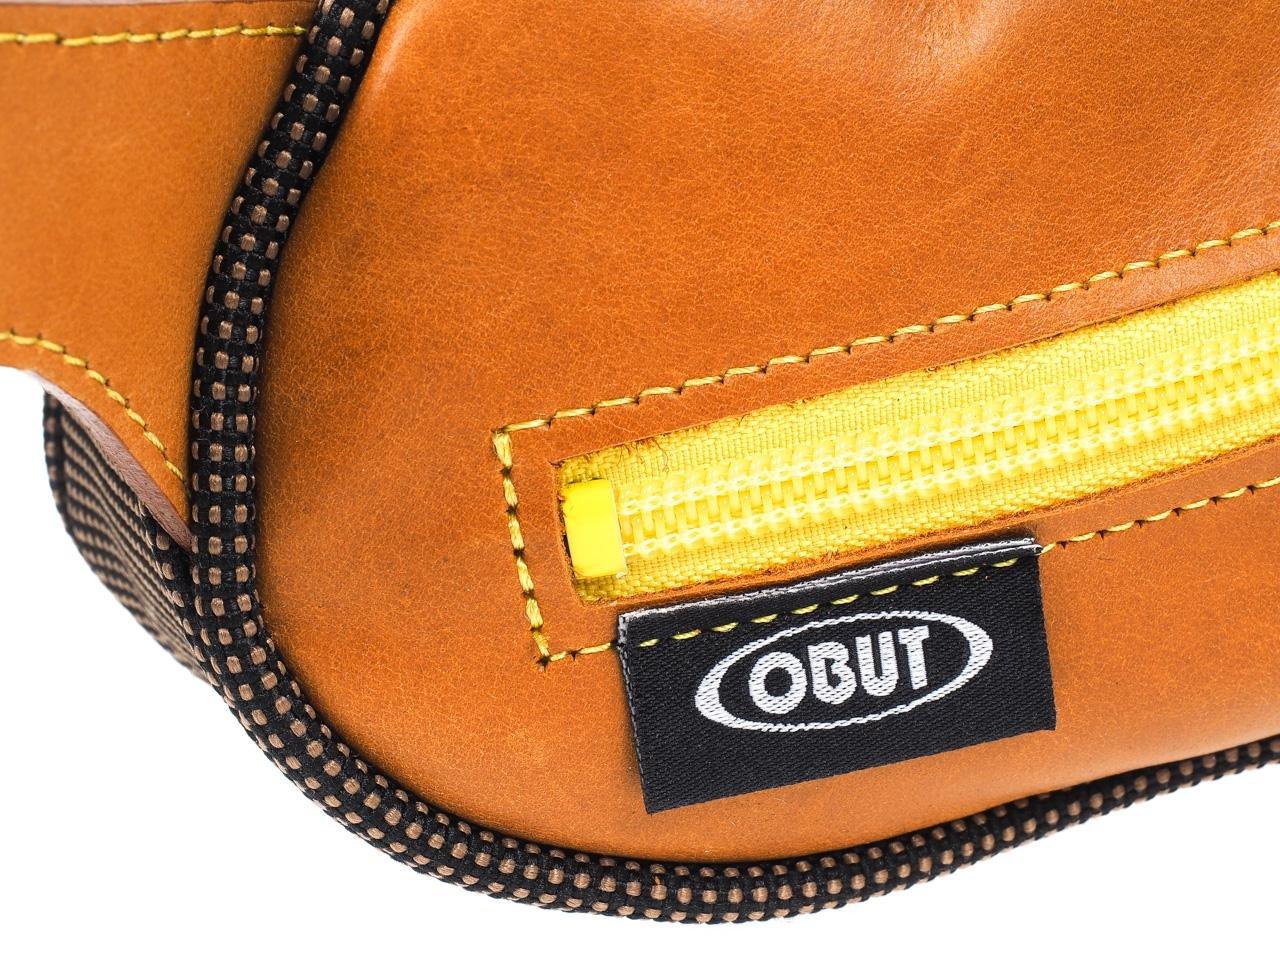 Promotion de ventes ramassé chercher Obut - Trousse cuir camel bronze - Sacoche boules pétanque - Camel - Taille  TU